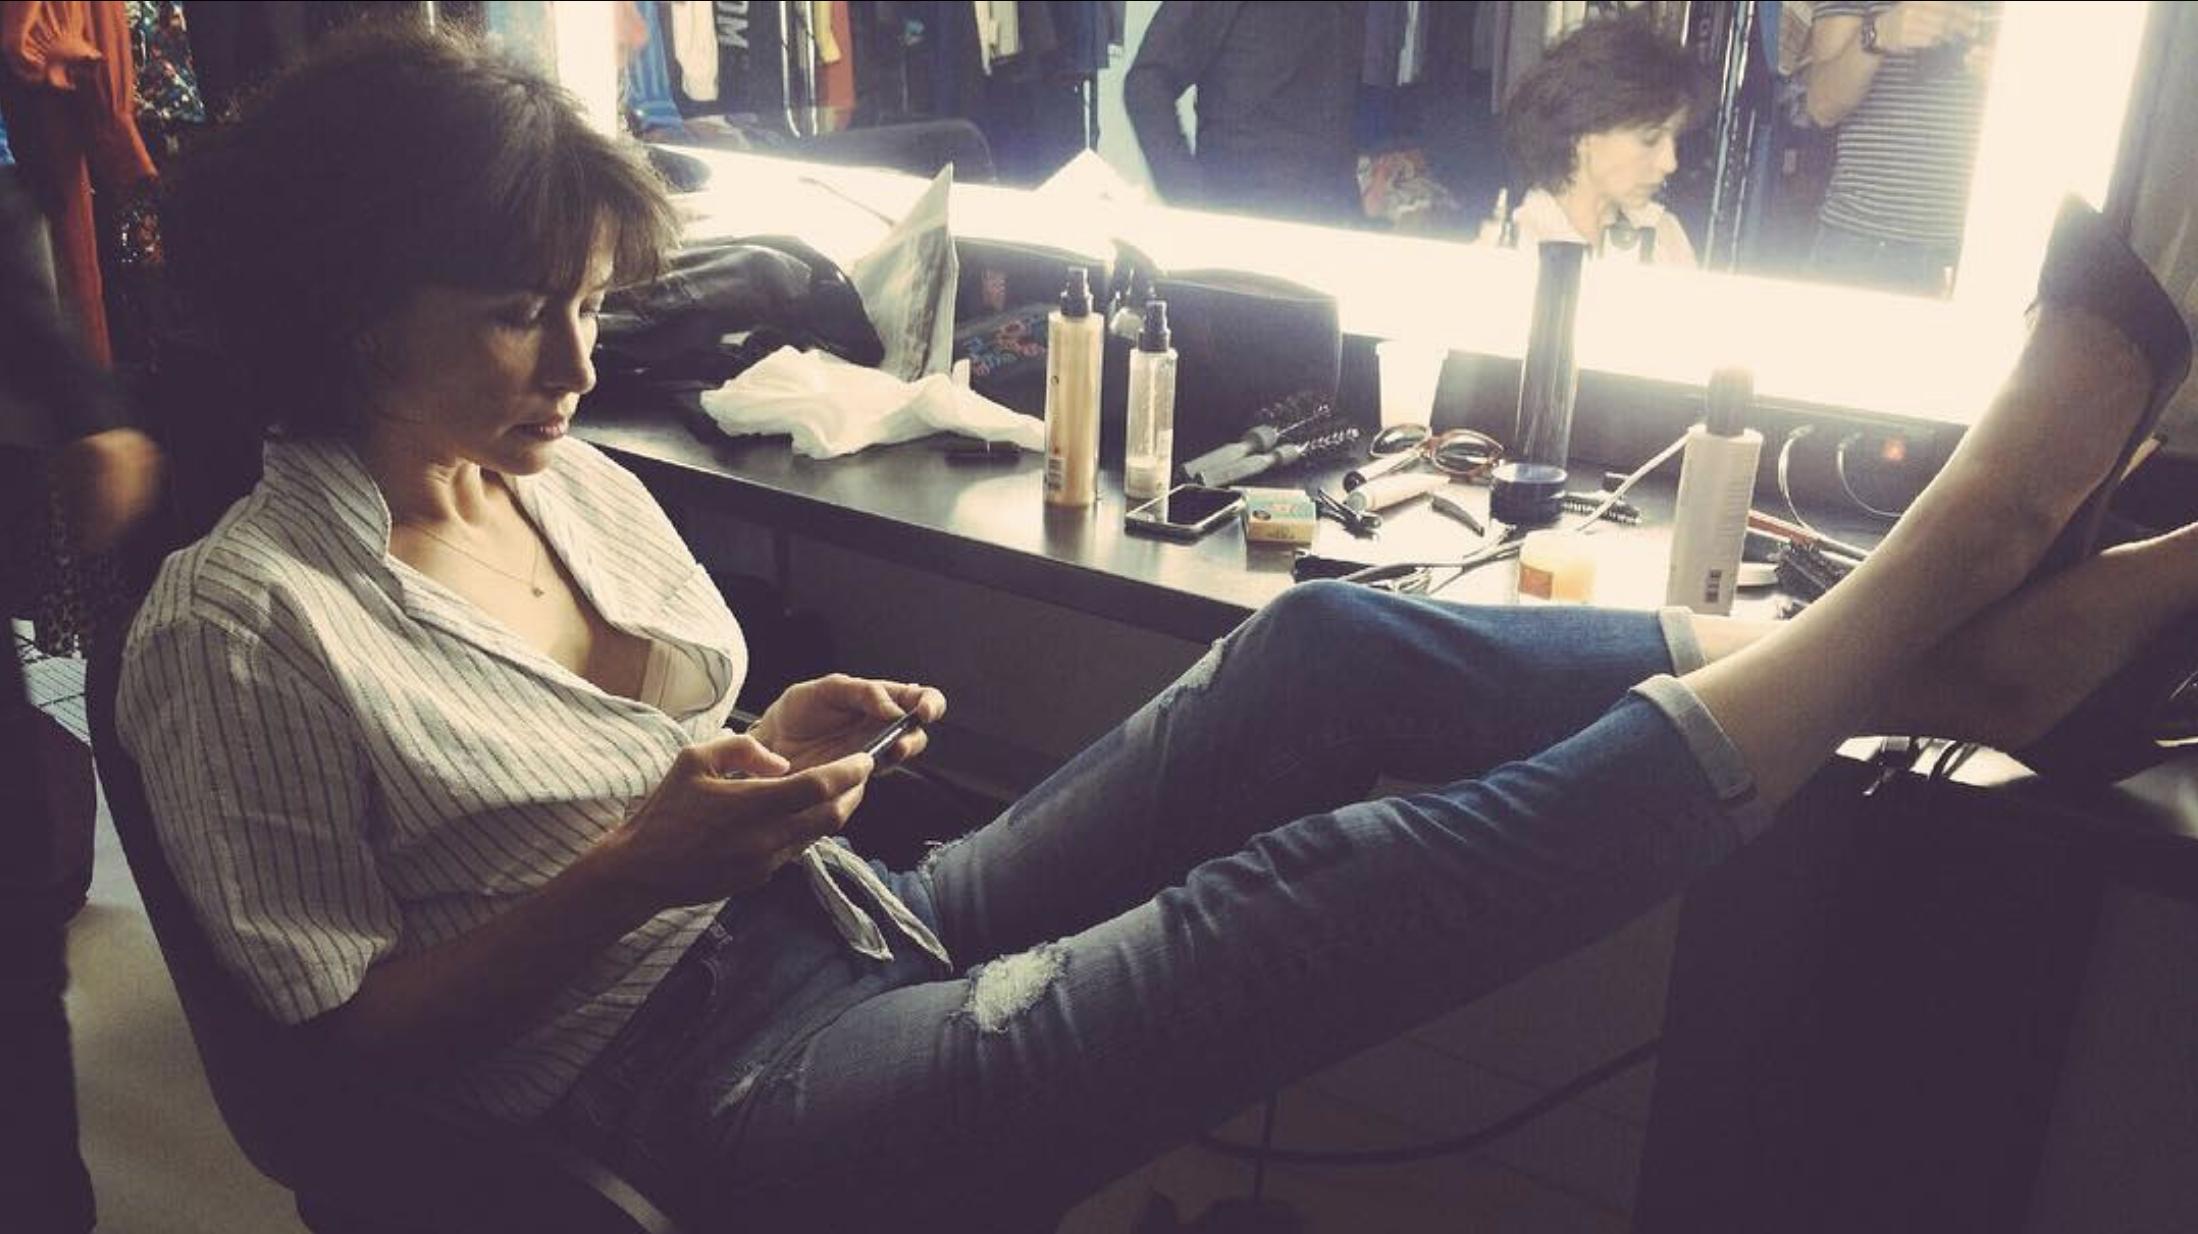 Sophie Marceau : L'actrice fait son retour sur Instagram avec un message très engagé